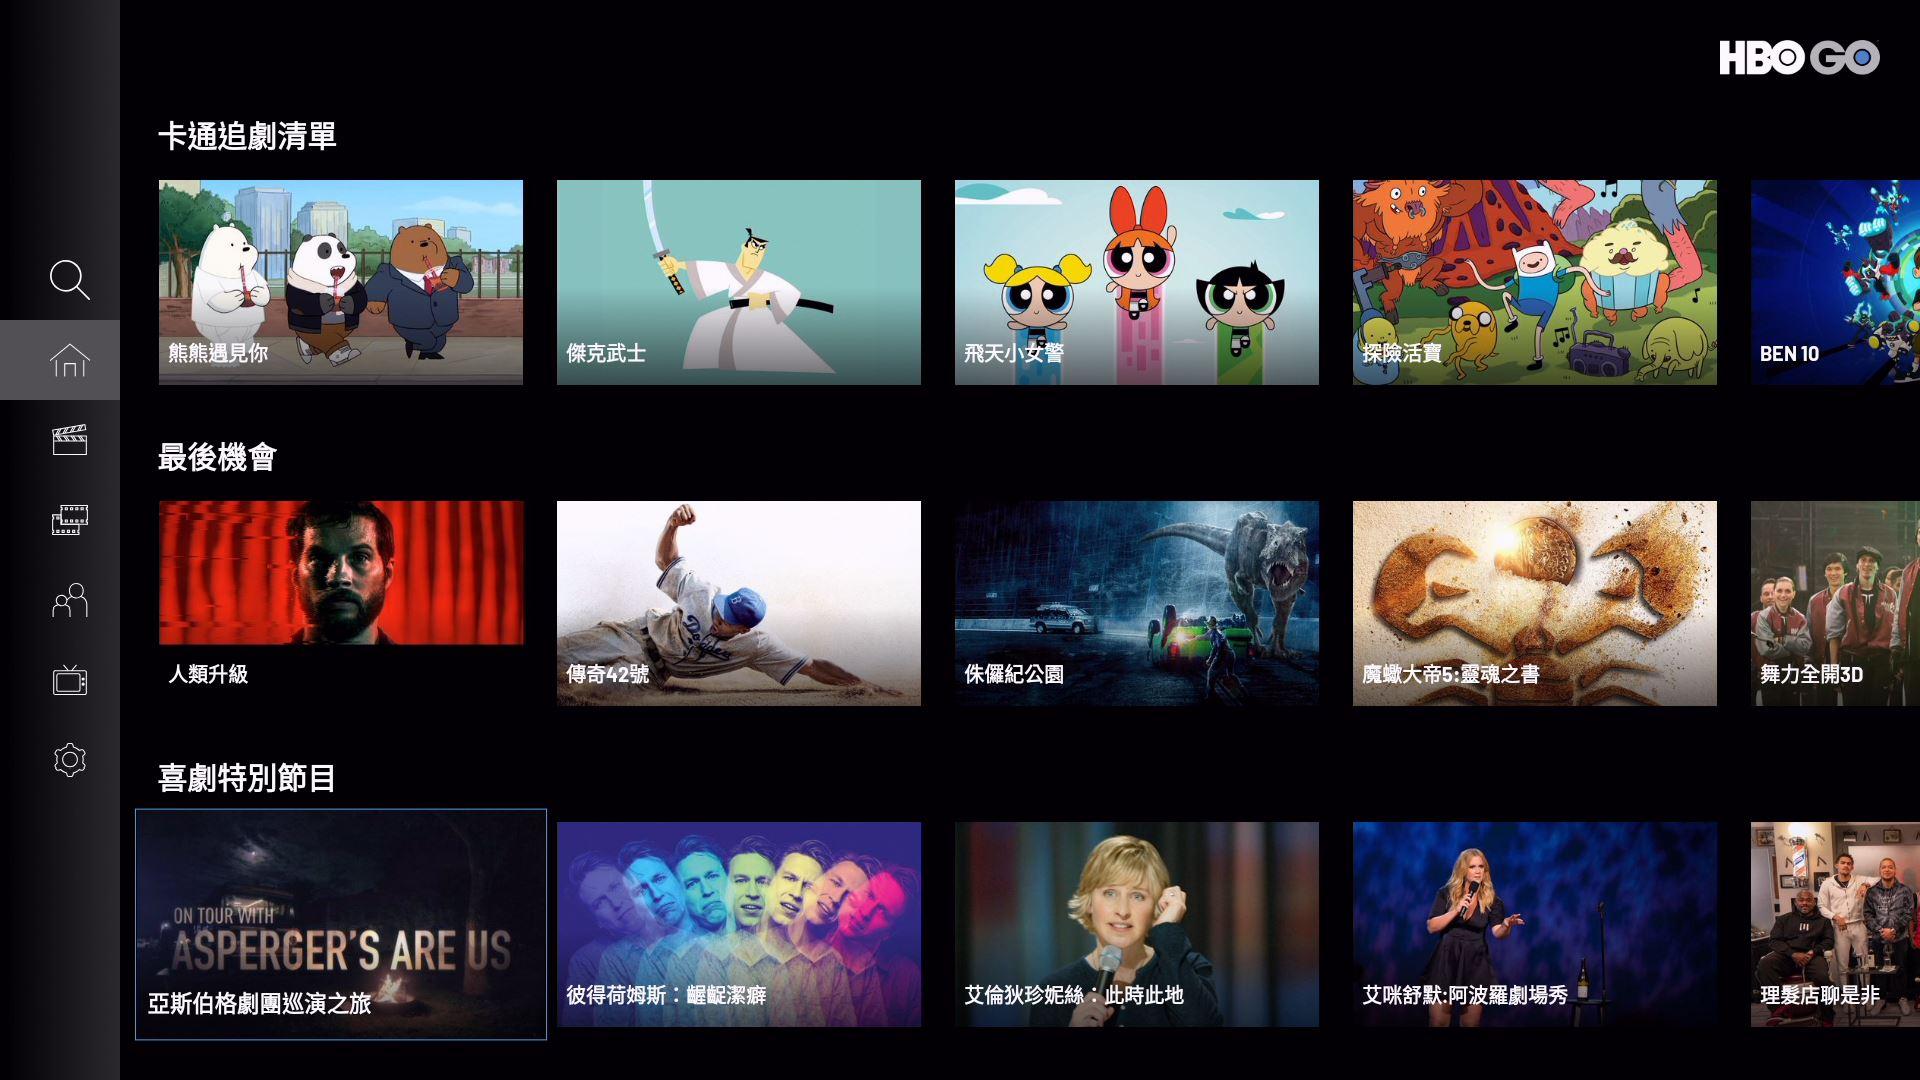 雷爵RockTek G1 4K HDR電視盒-無痛升級Google授權Android TV系統,語音助理免動手 - 81